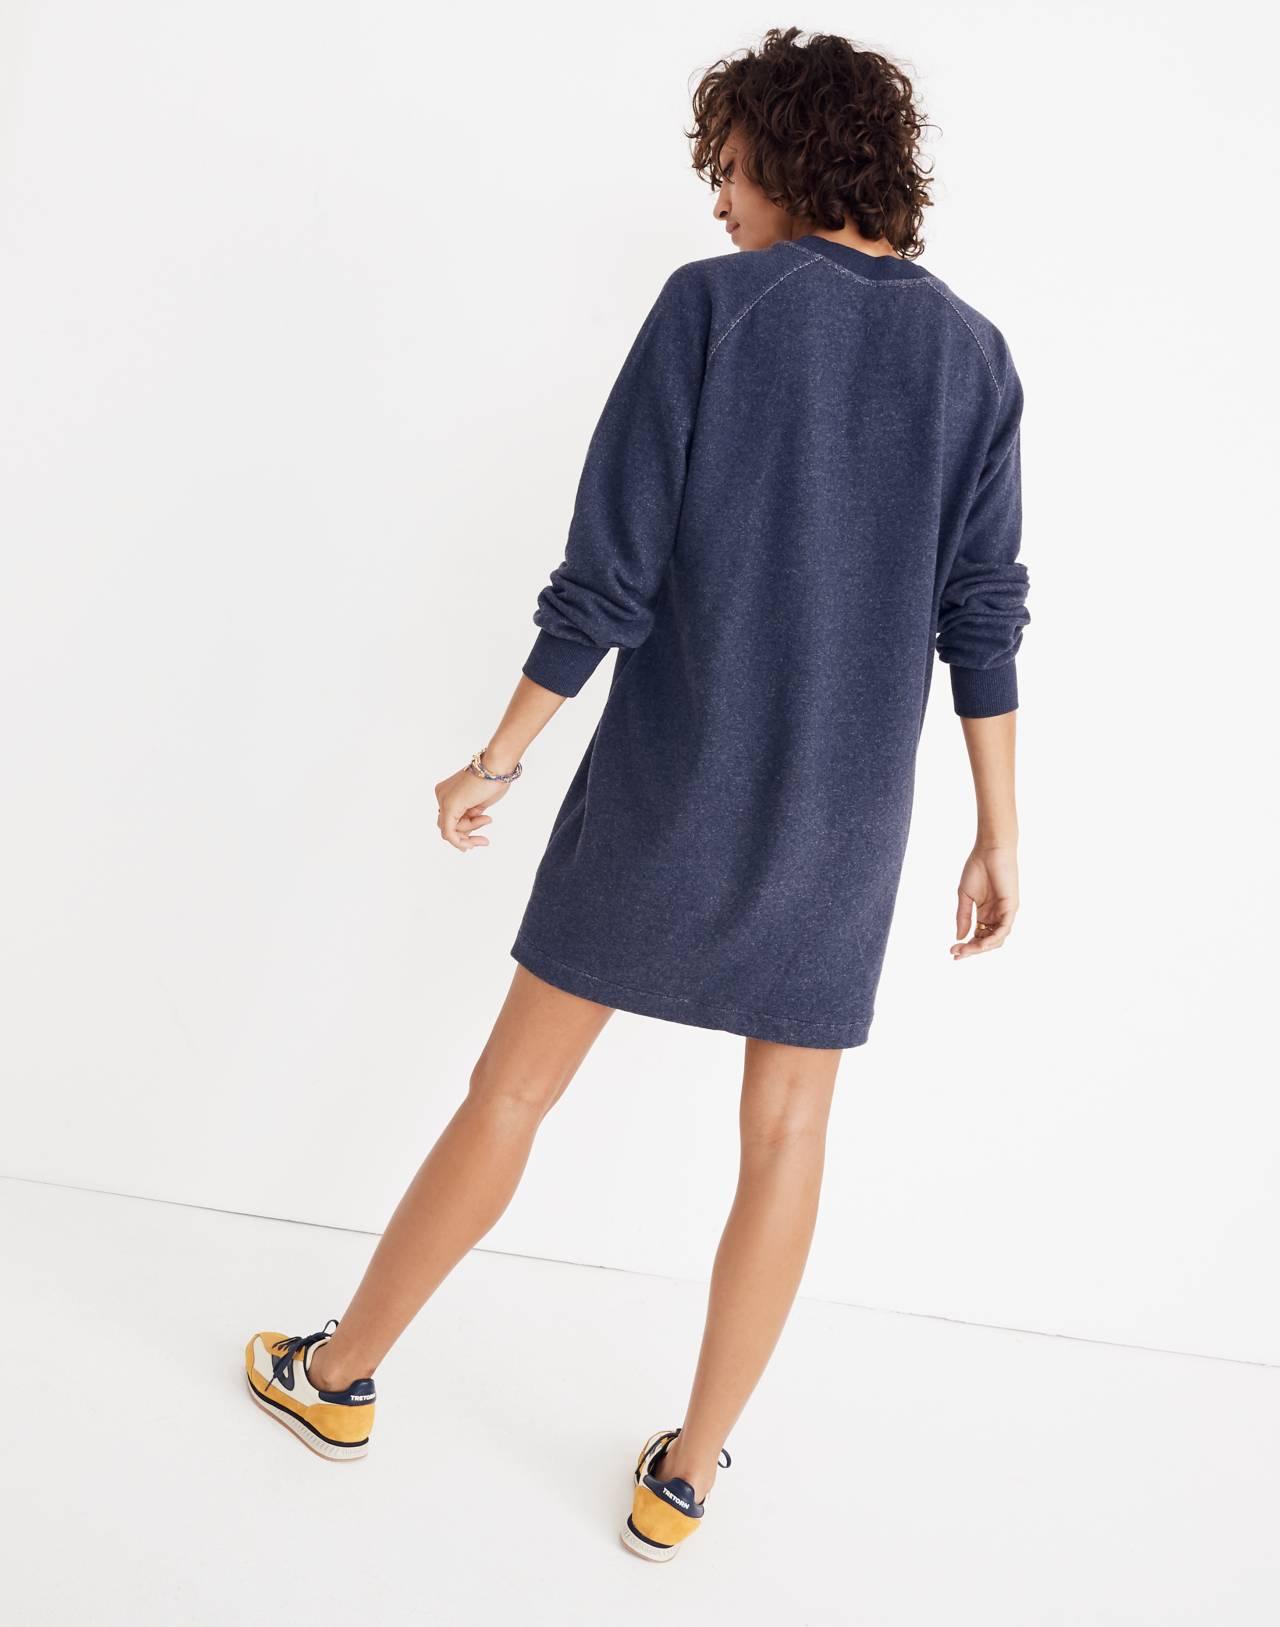 Bubble-Sleeve Sweatshirt Dress in hthr ink image 2